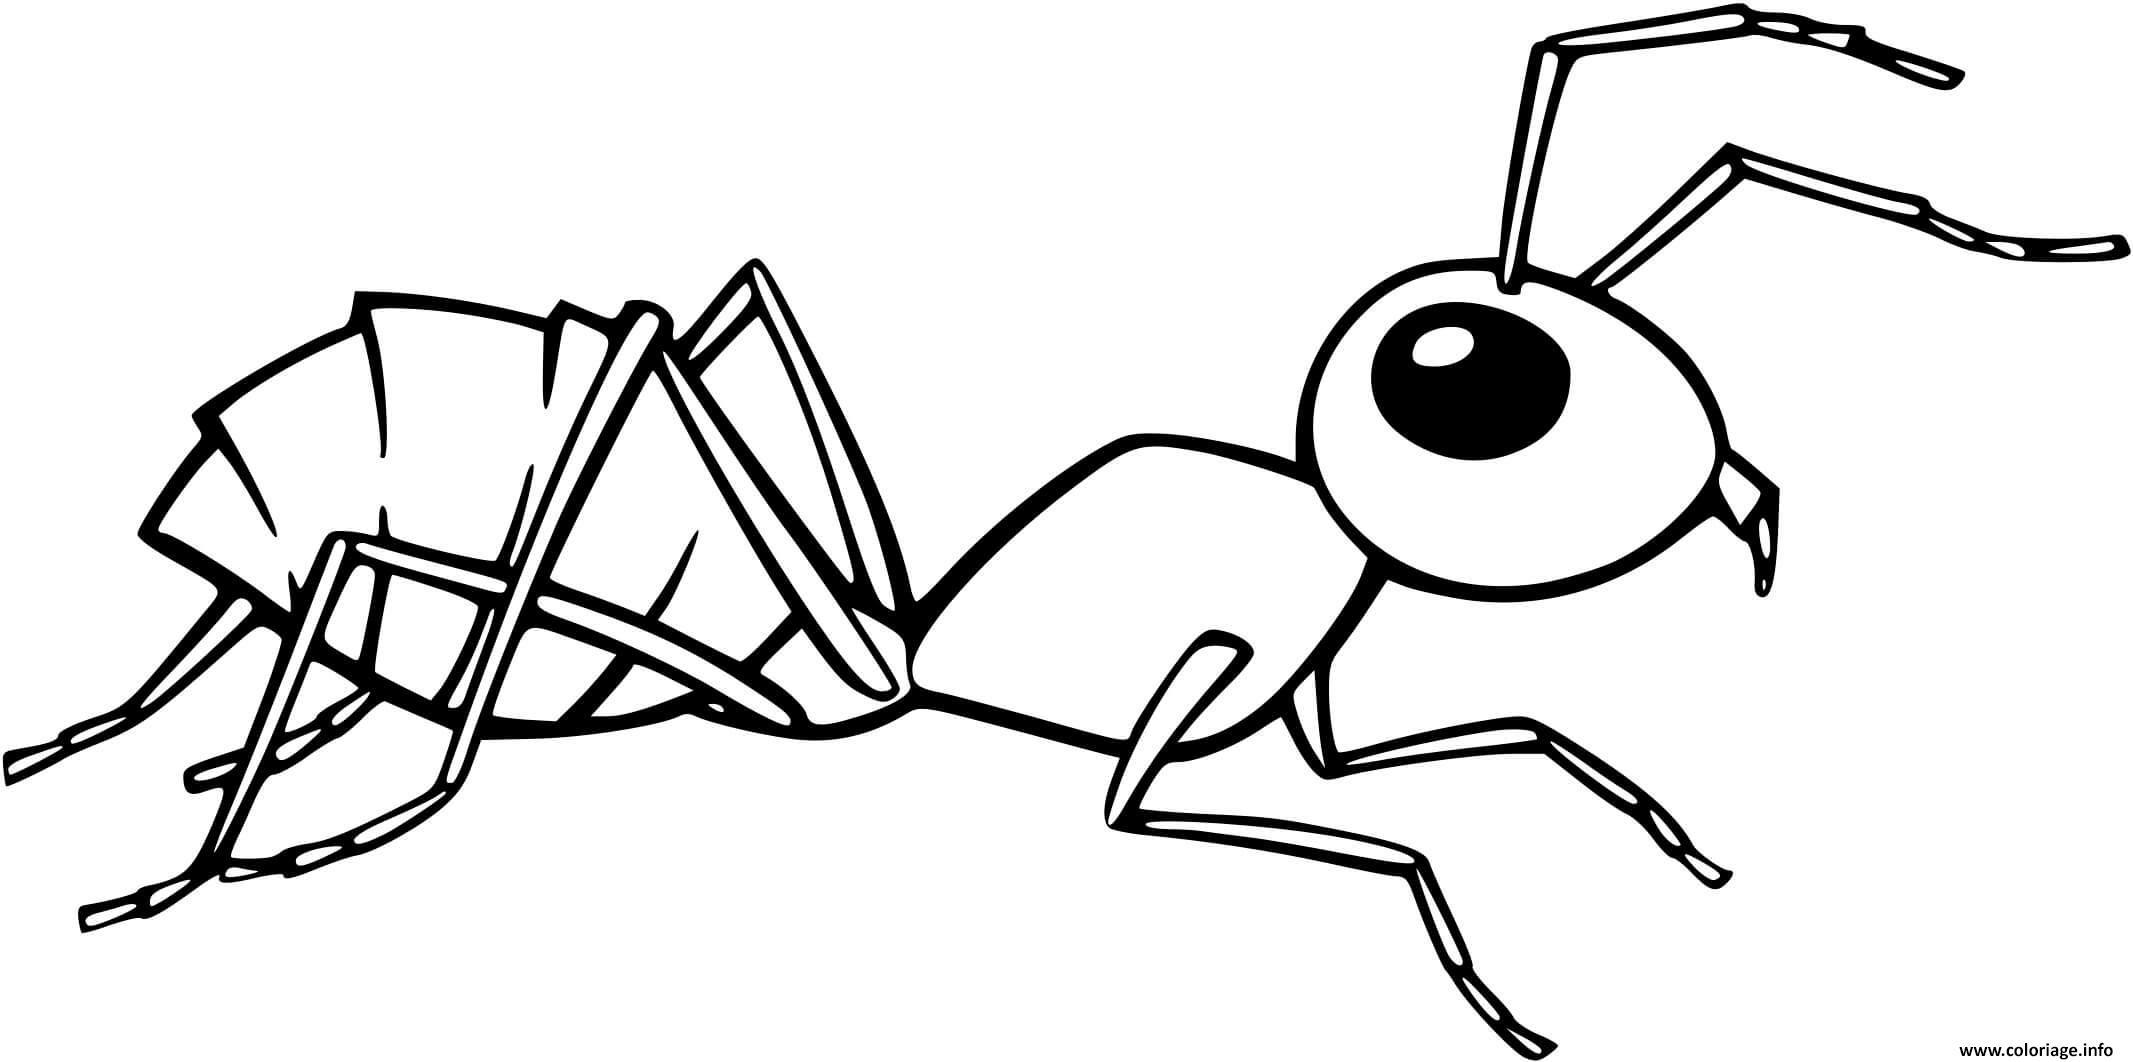 Dessin fourmi noire realiste Coloriage Gratuit à Imprimer